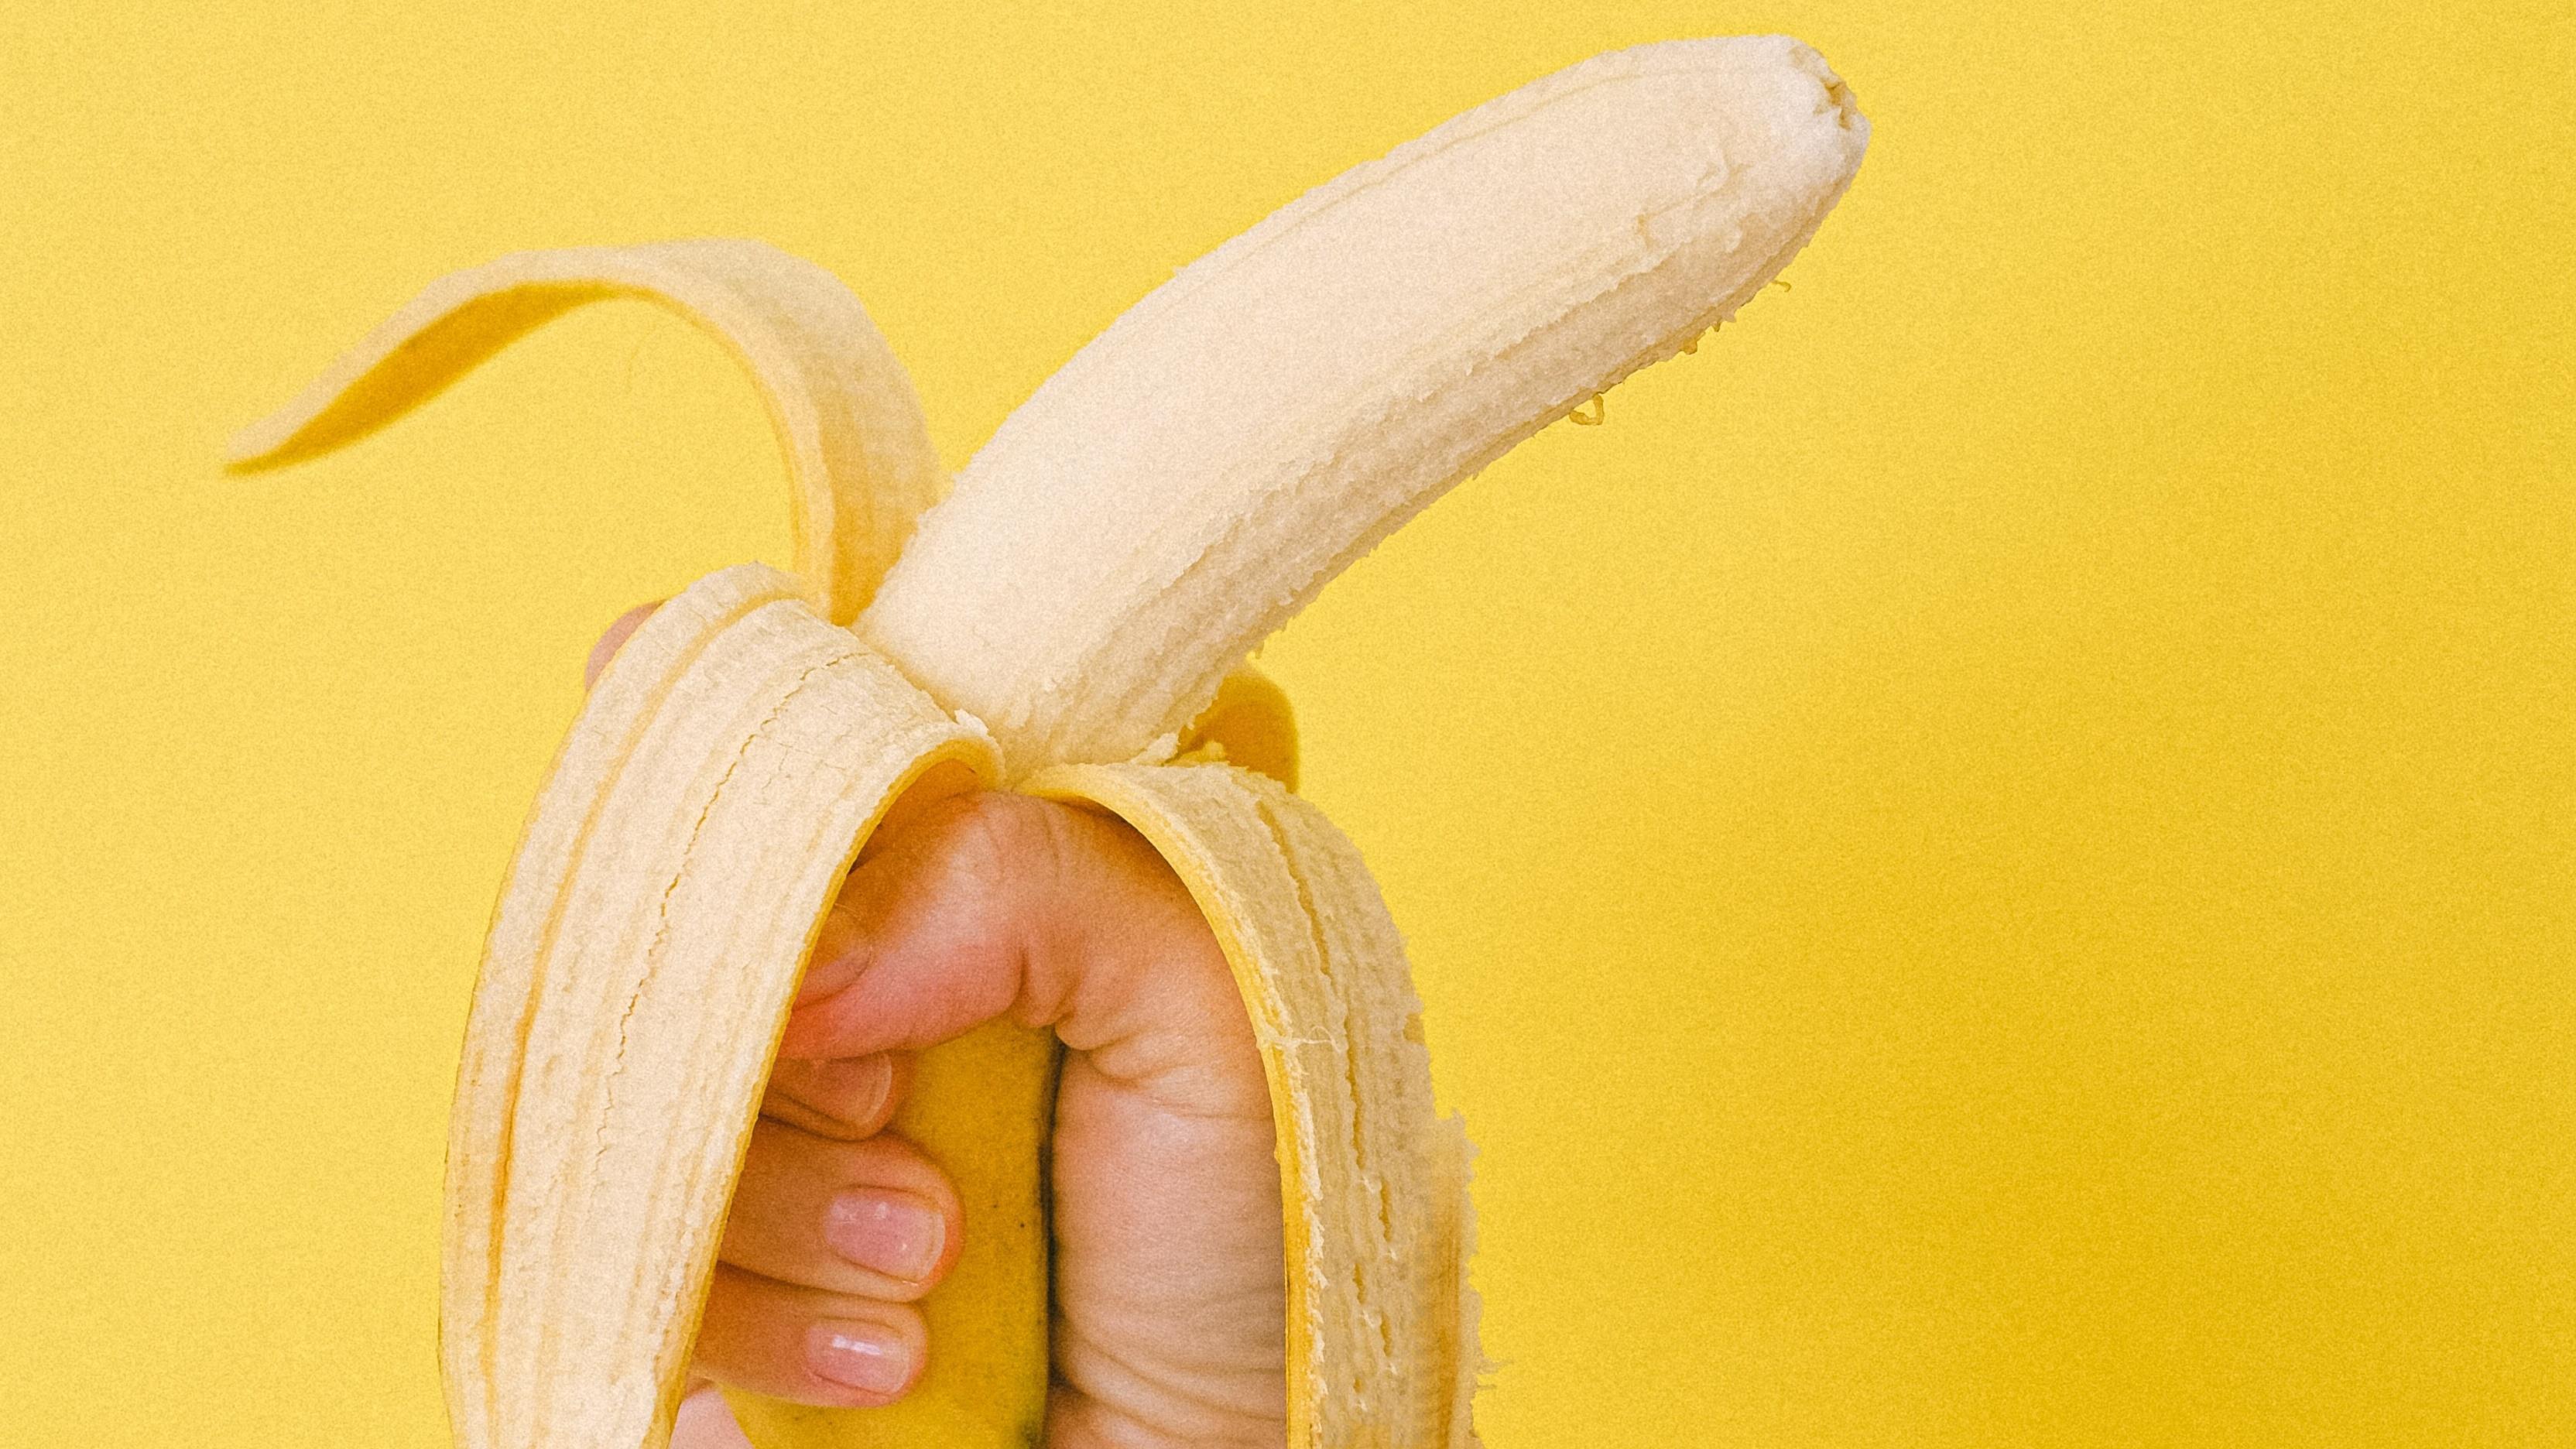 Lebensmittel gegen Stress: Die beste Nervennahrung